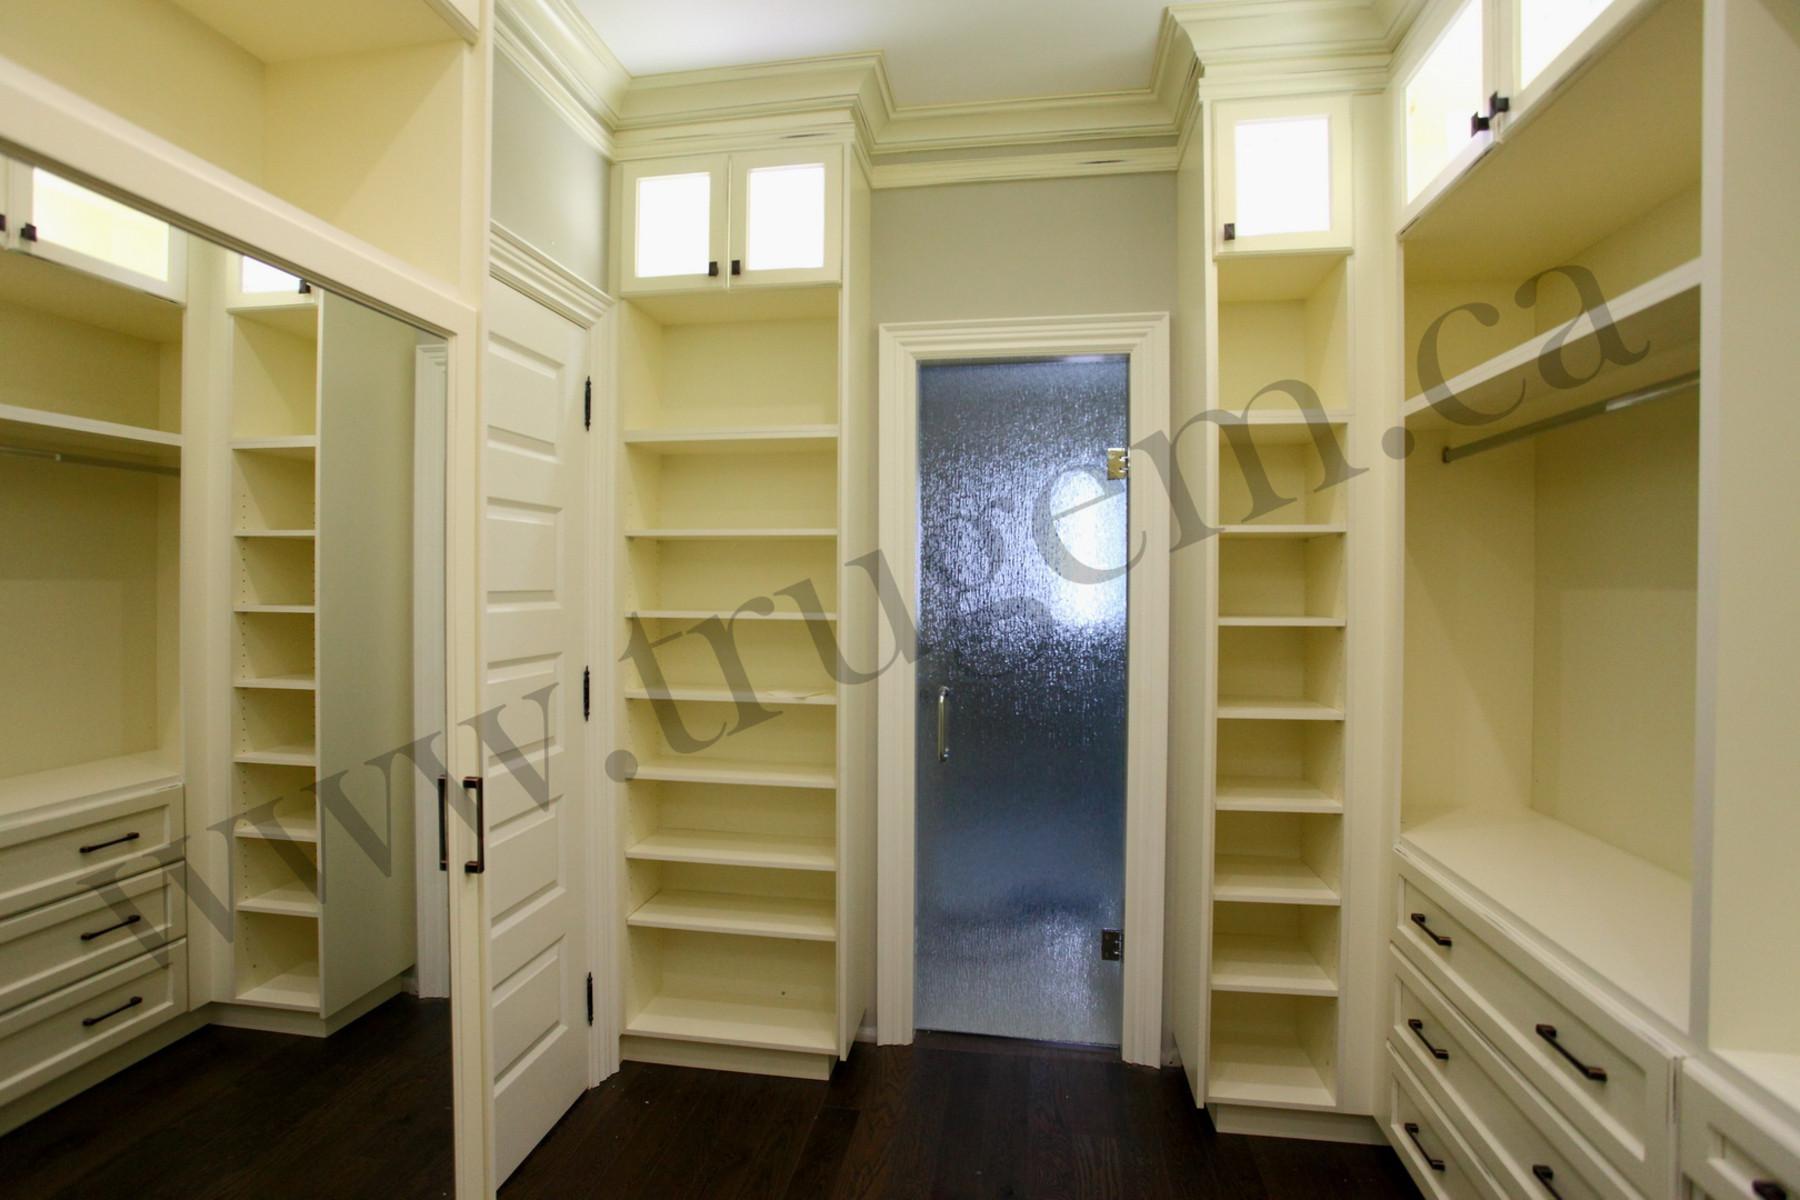 closet organizer shelves and drawers